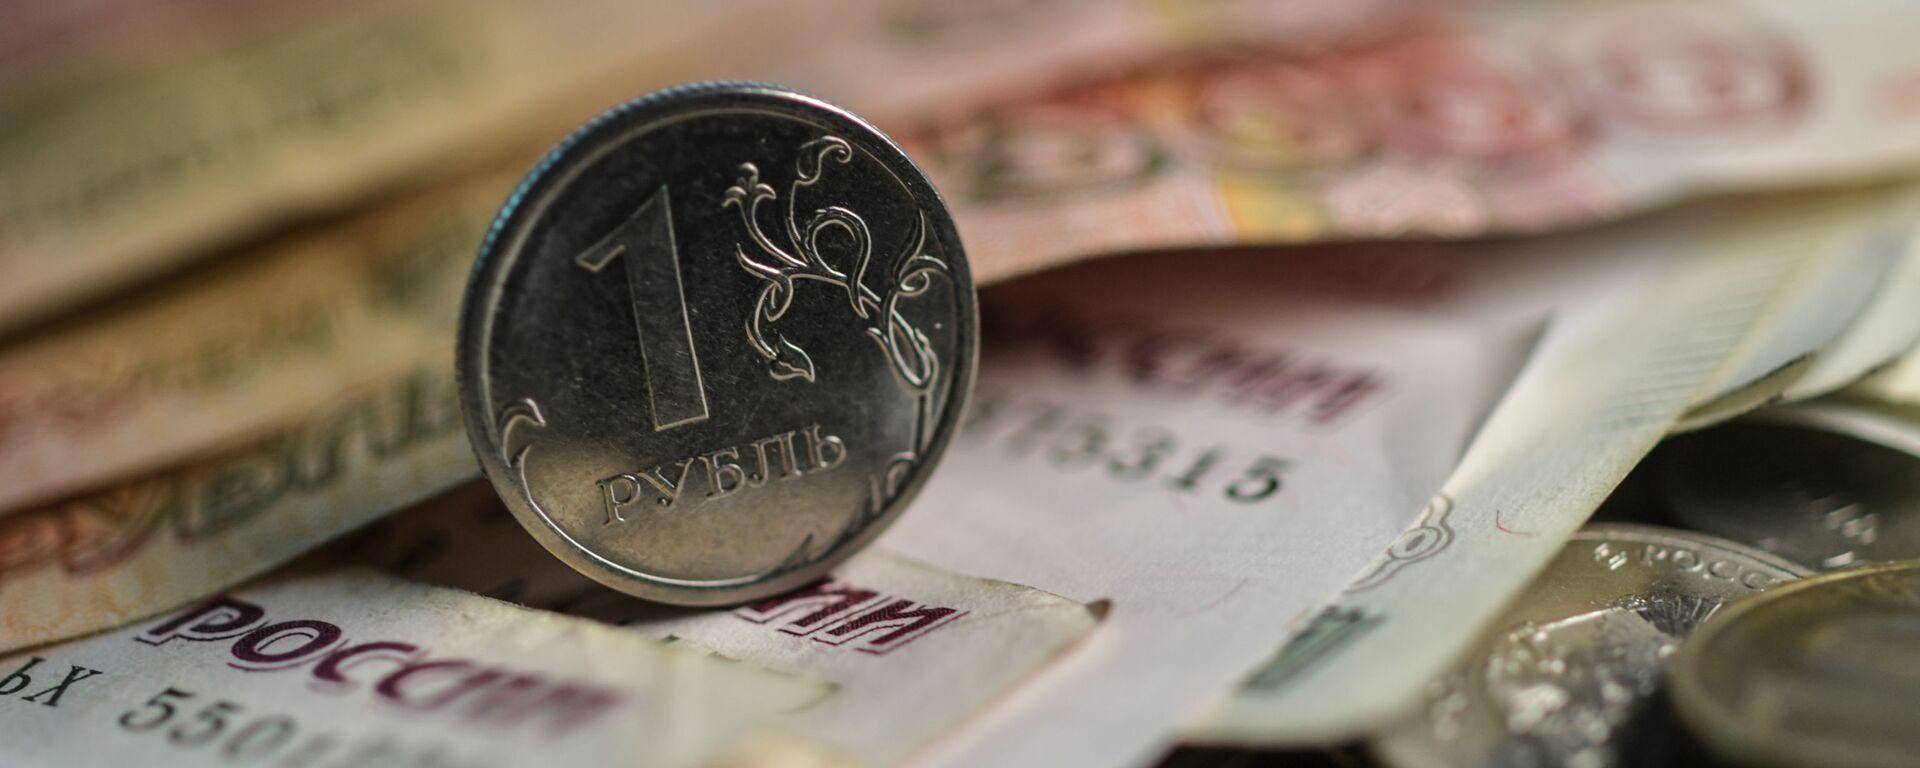 Денежные купюры и монеты. - Sputnik Абхазия, 1920, 05.07.2021